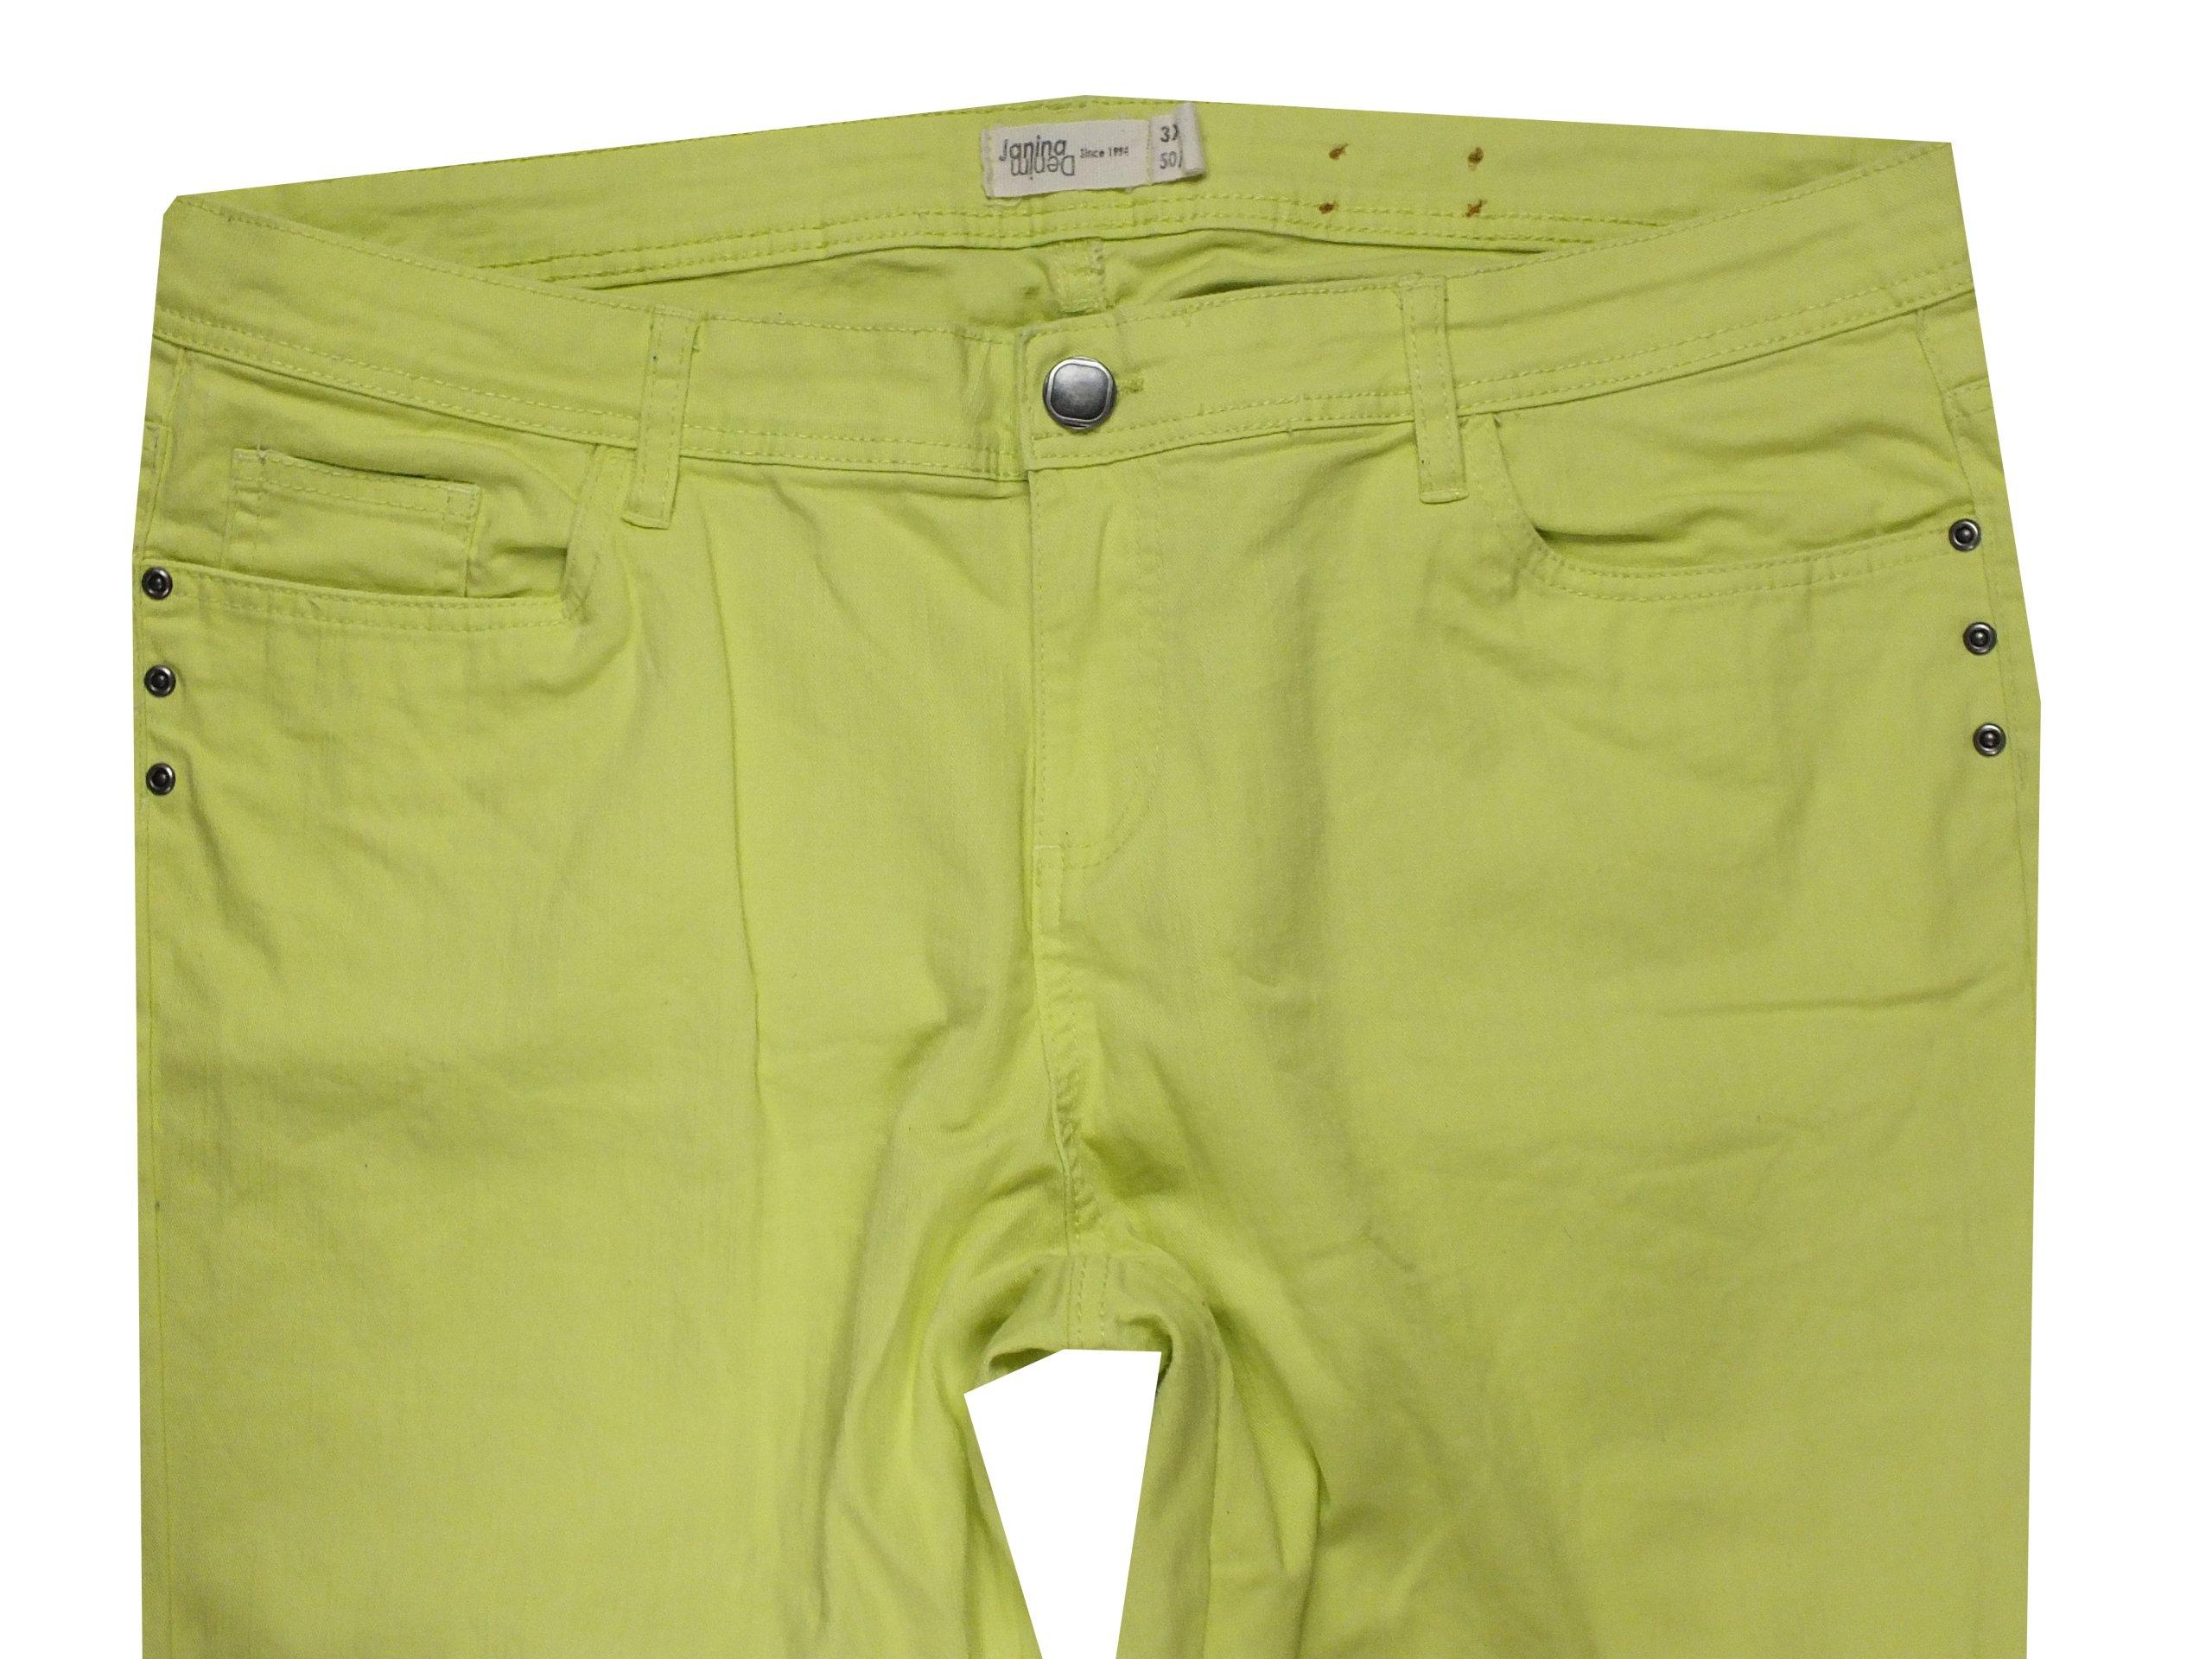 6b02c2c527 Janina 05 Denim Spodnie 7335774958 3xl Oficjalne Damskie F0gqrFO